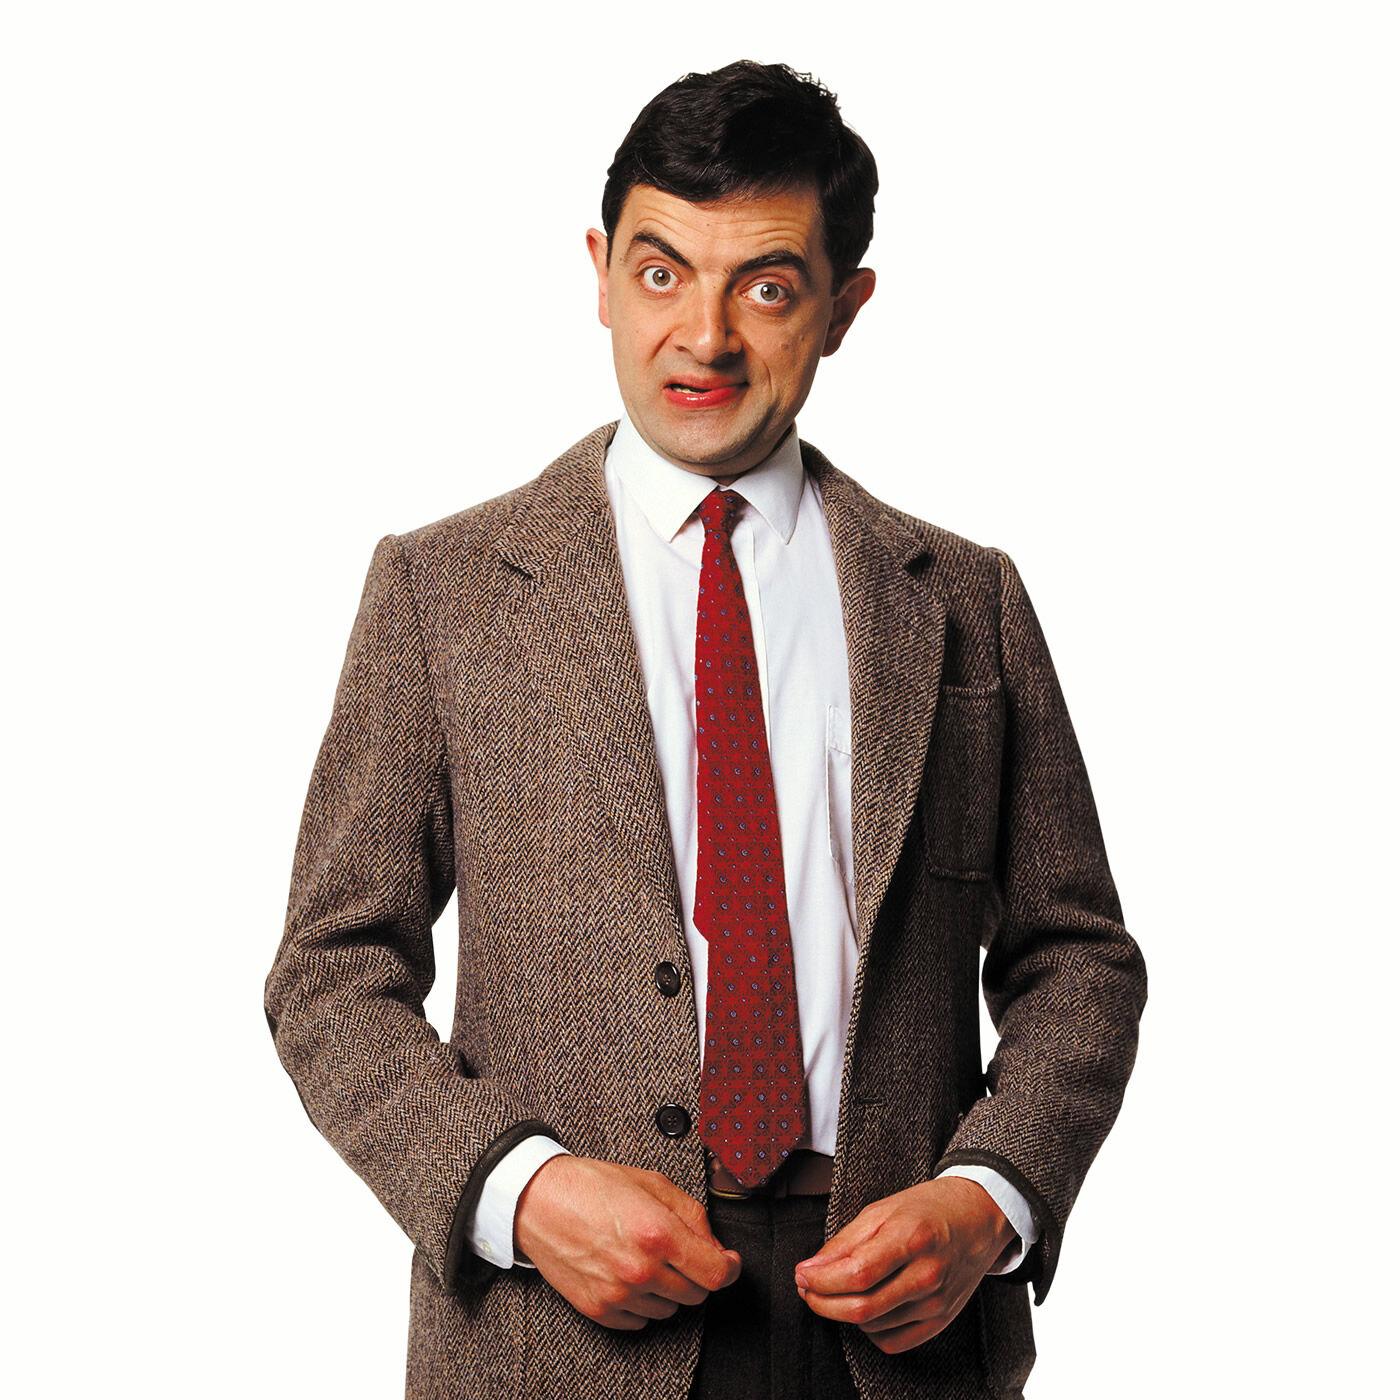 Fröhliche Weihnachten Mr. Bean Stream